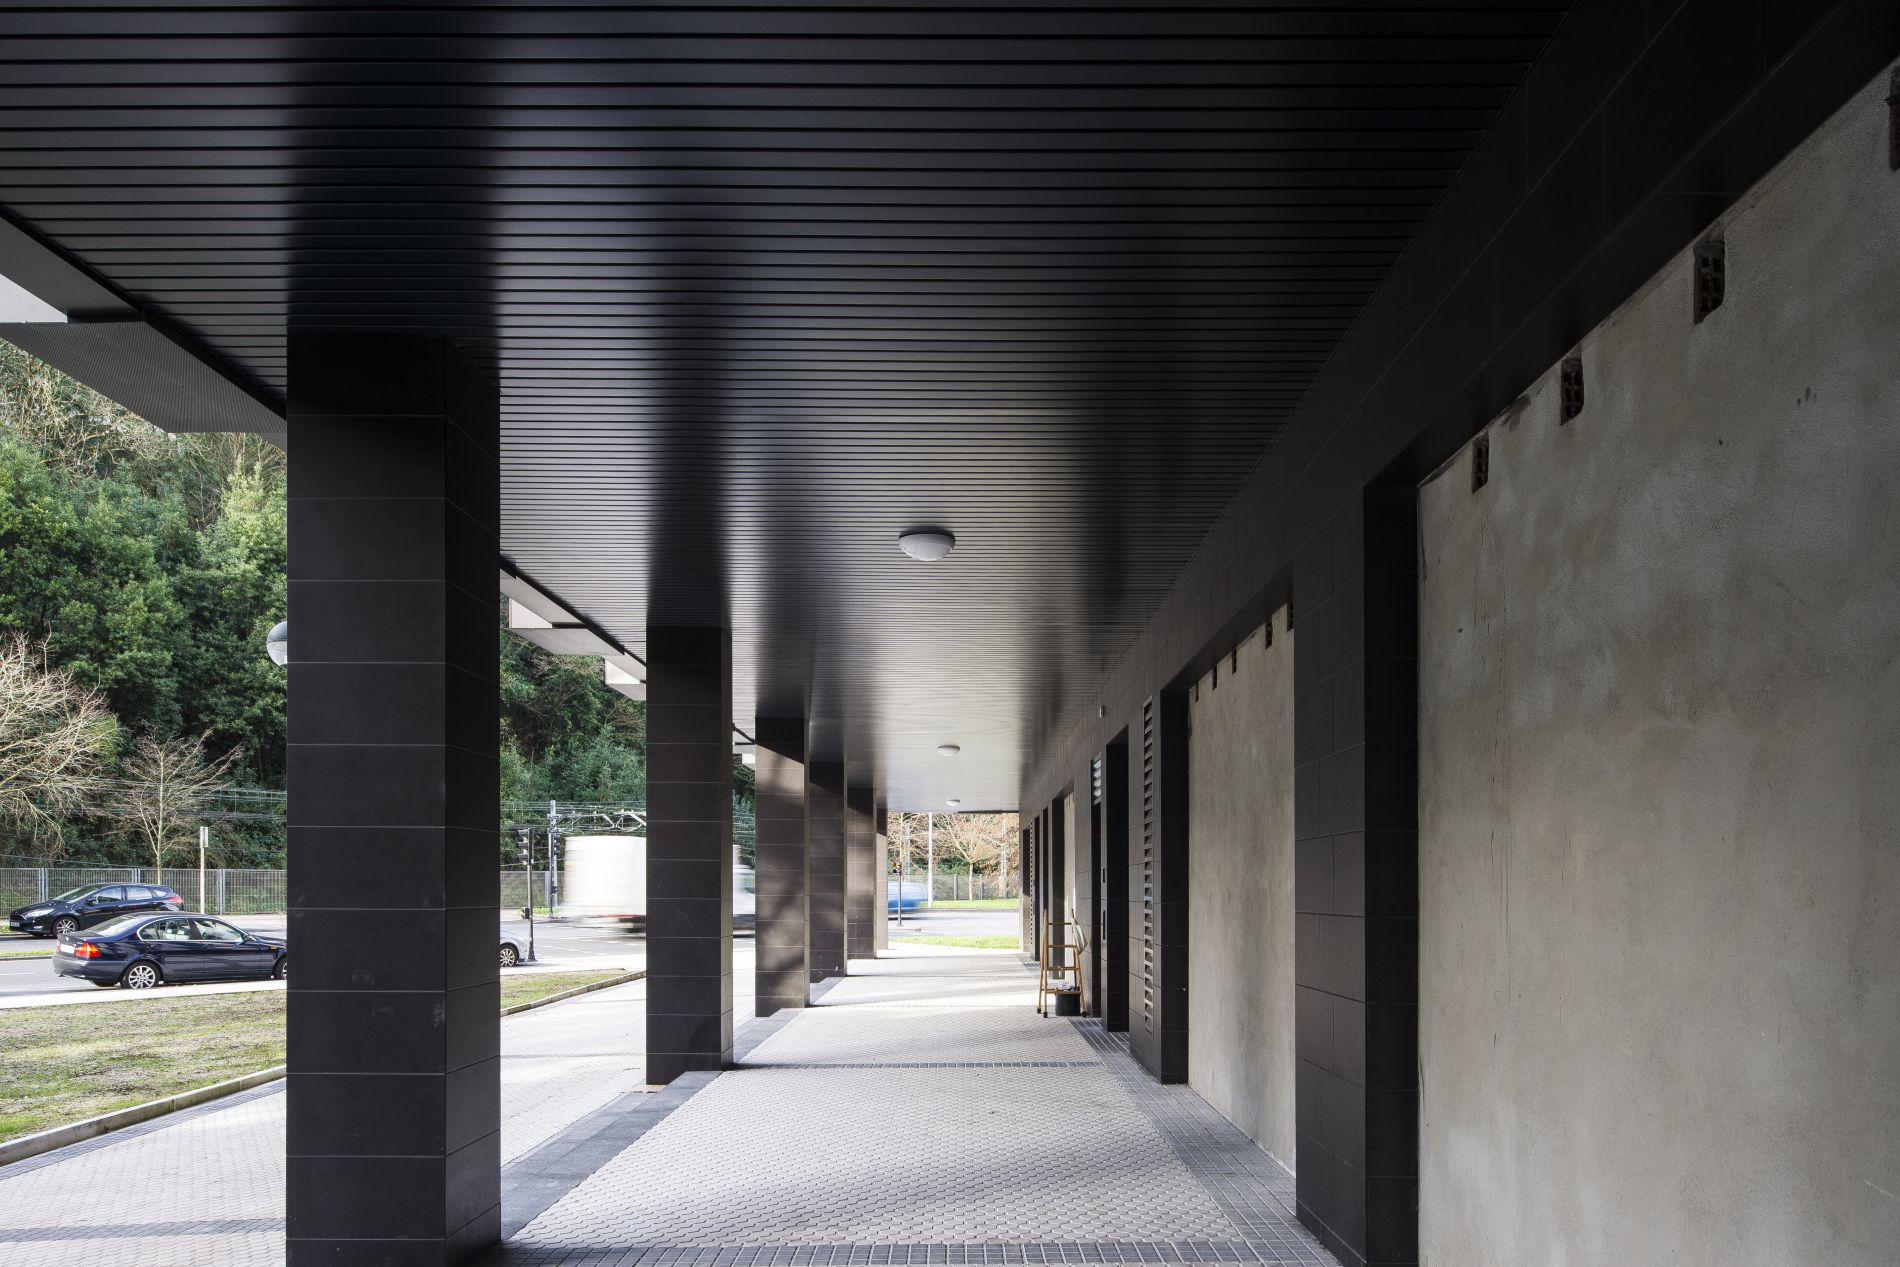 Fiark - 80 viviendas calle podavines 8